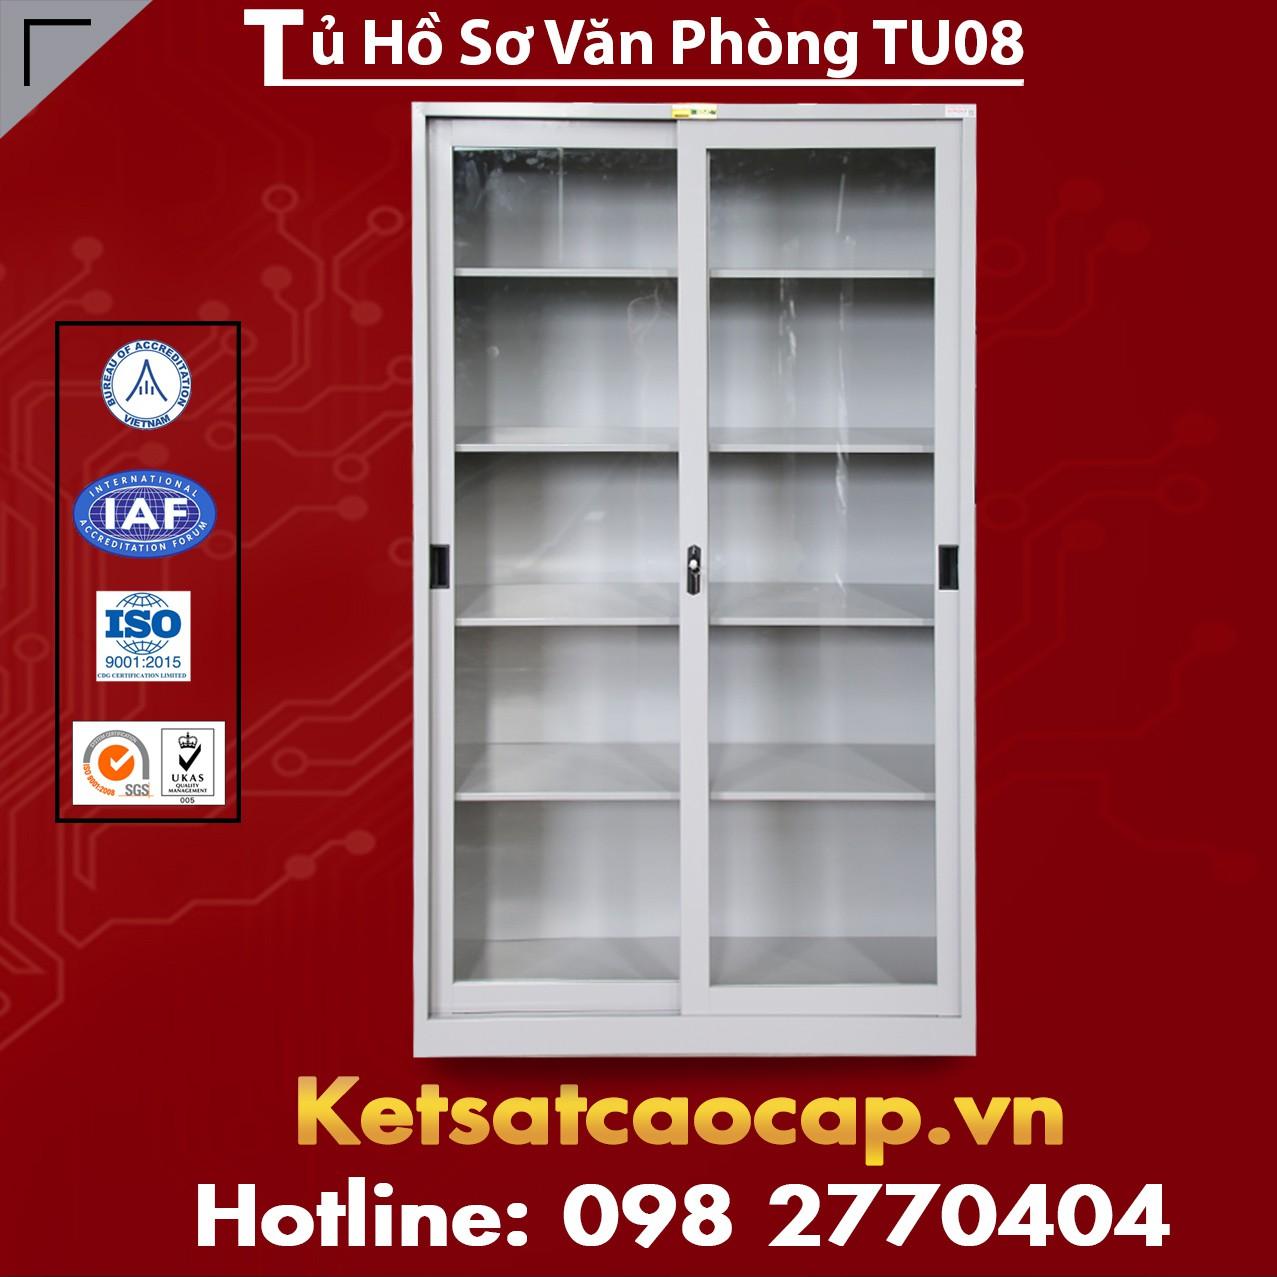 Tủ Hồ Sơ Văn Phòng TU08